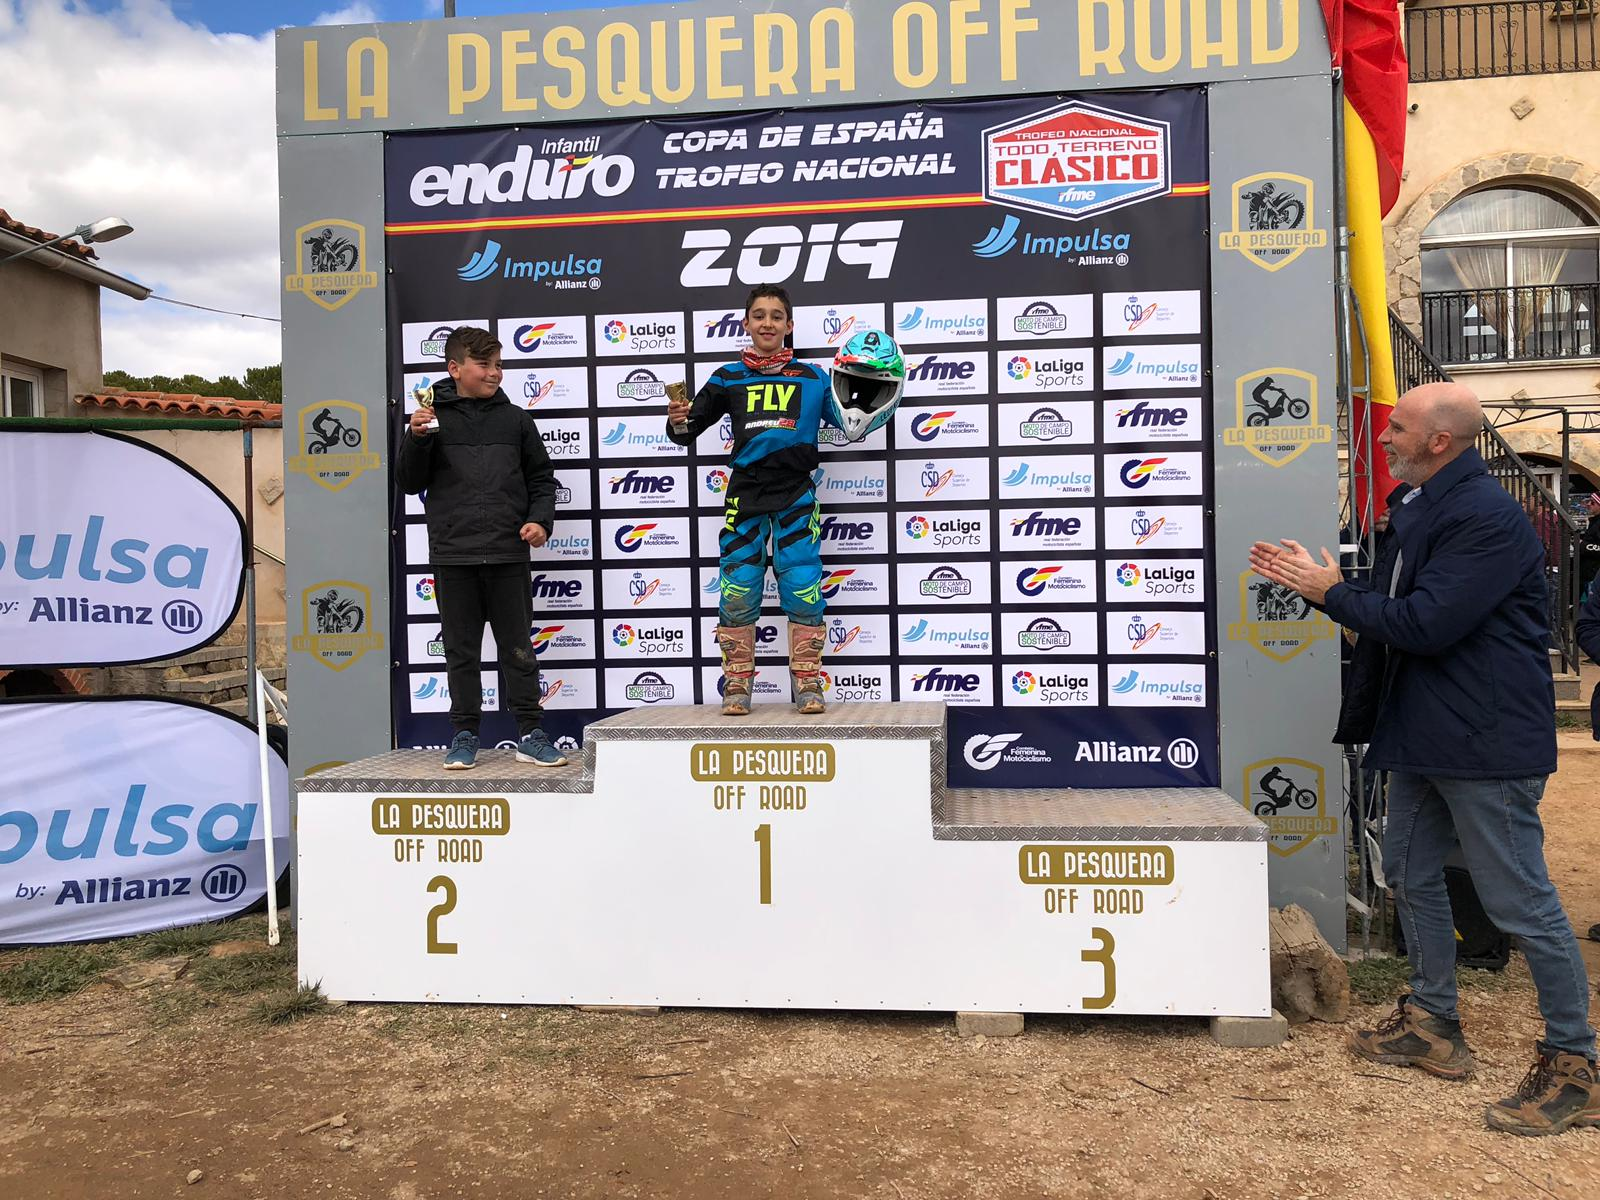 El joven piloto buñolense Vicente Galarza arriba del podio.